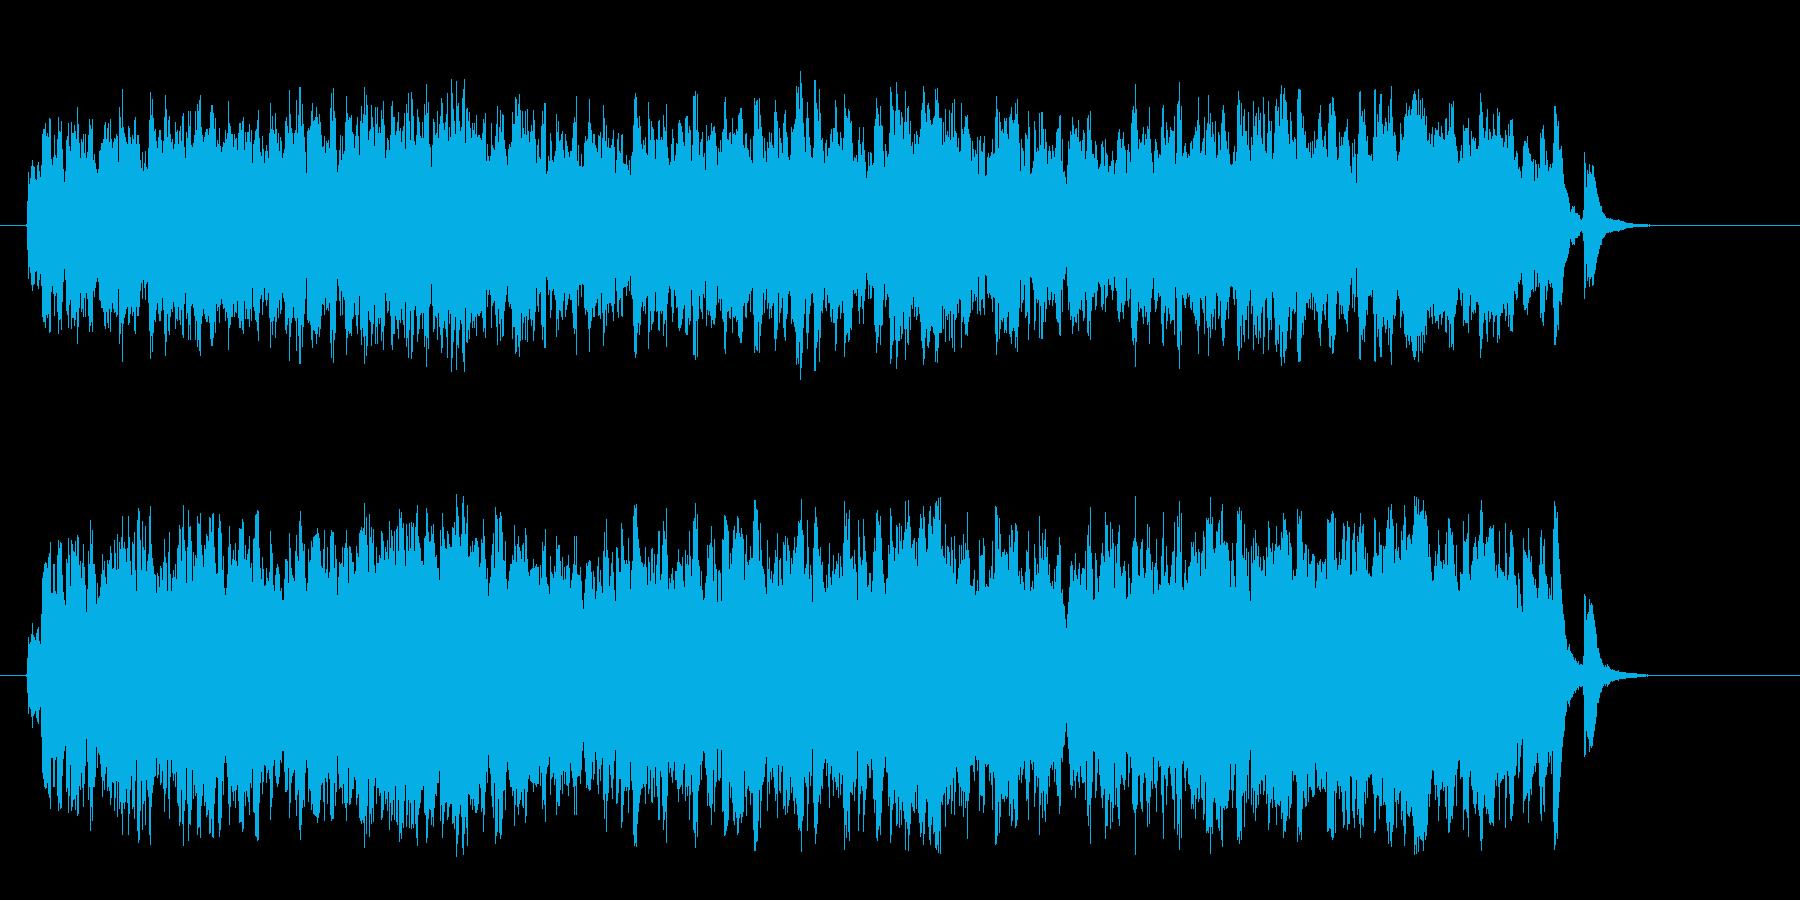 流れるピアノが美しいセミ・クラシック風の再生済みの波形